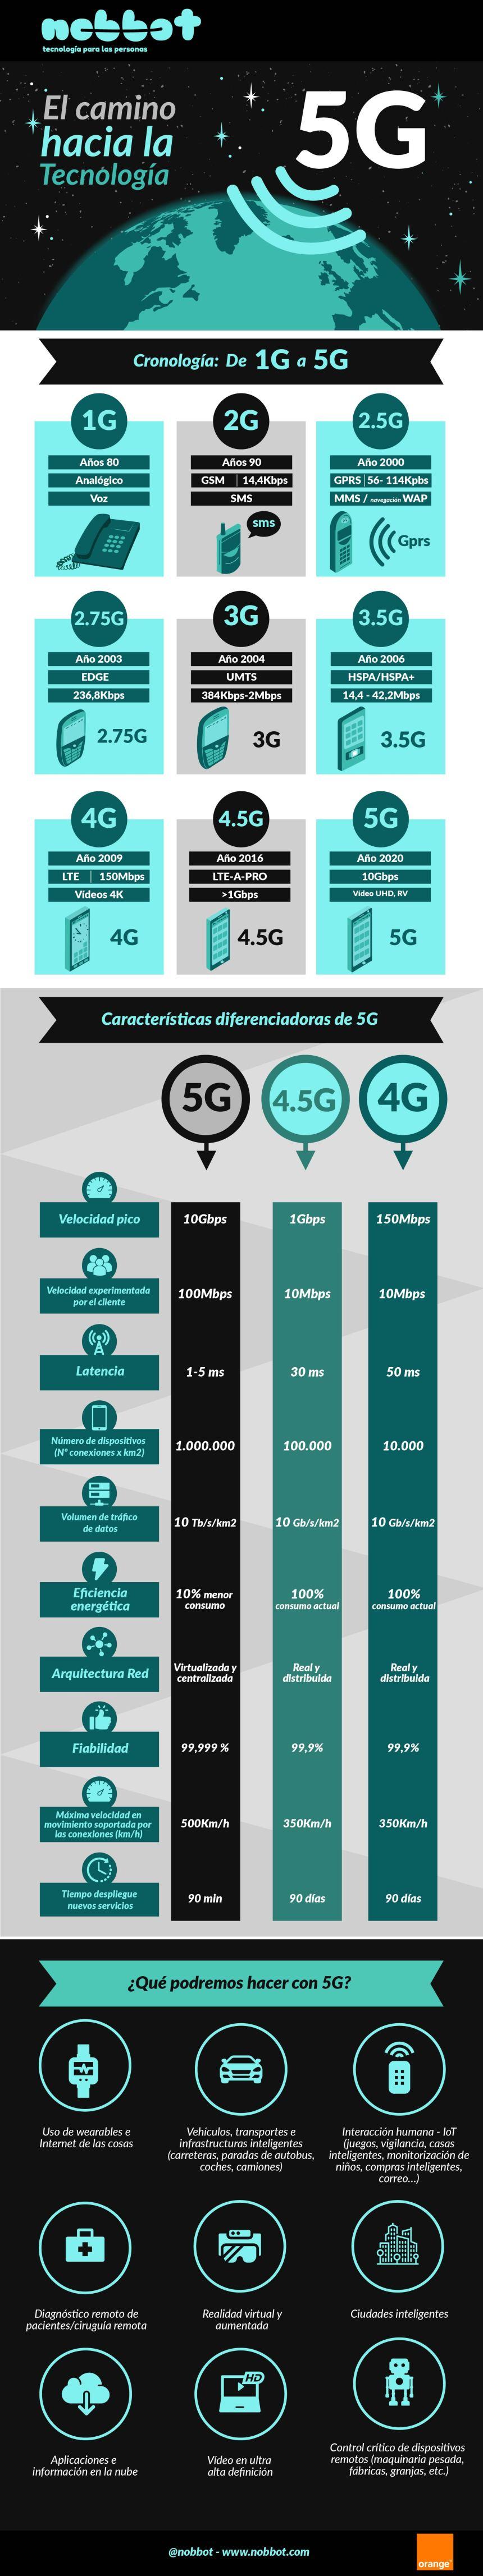 El camino hasta el 5G